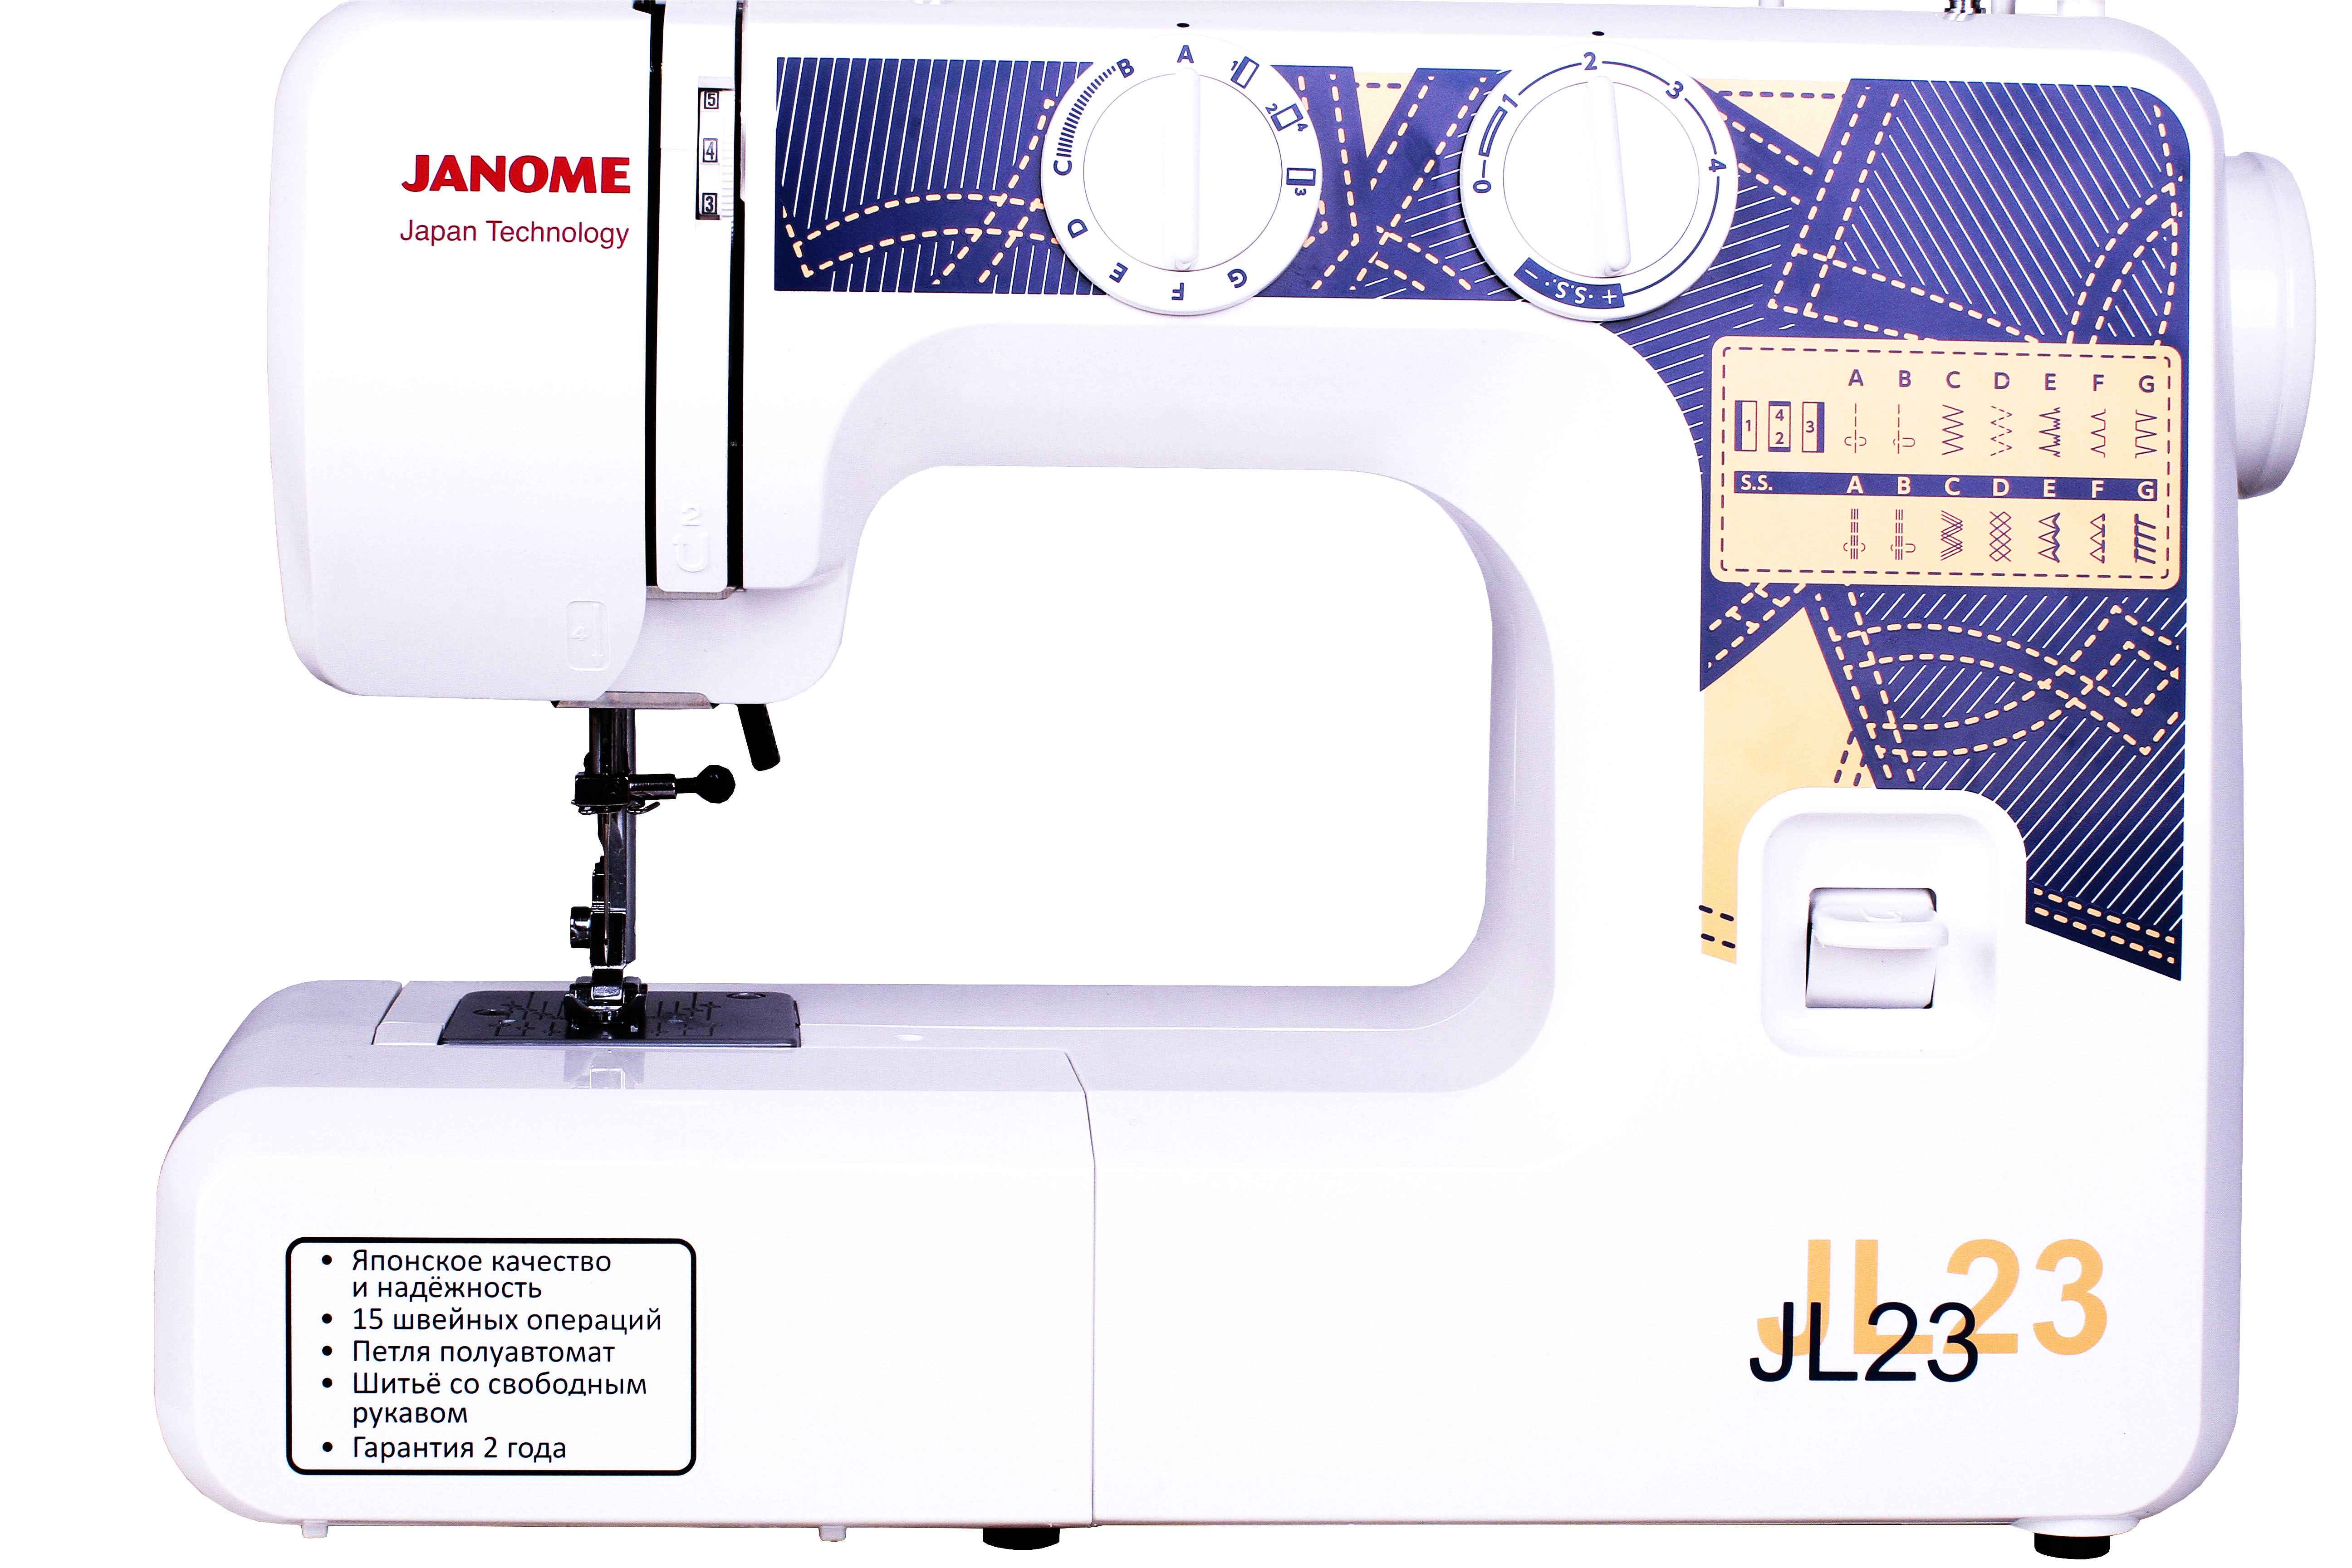 Швейная машина Janome JL 23 швейная машина janome el545s